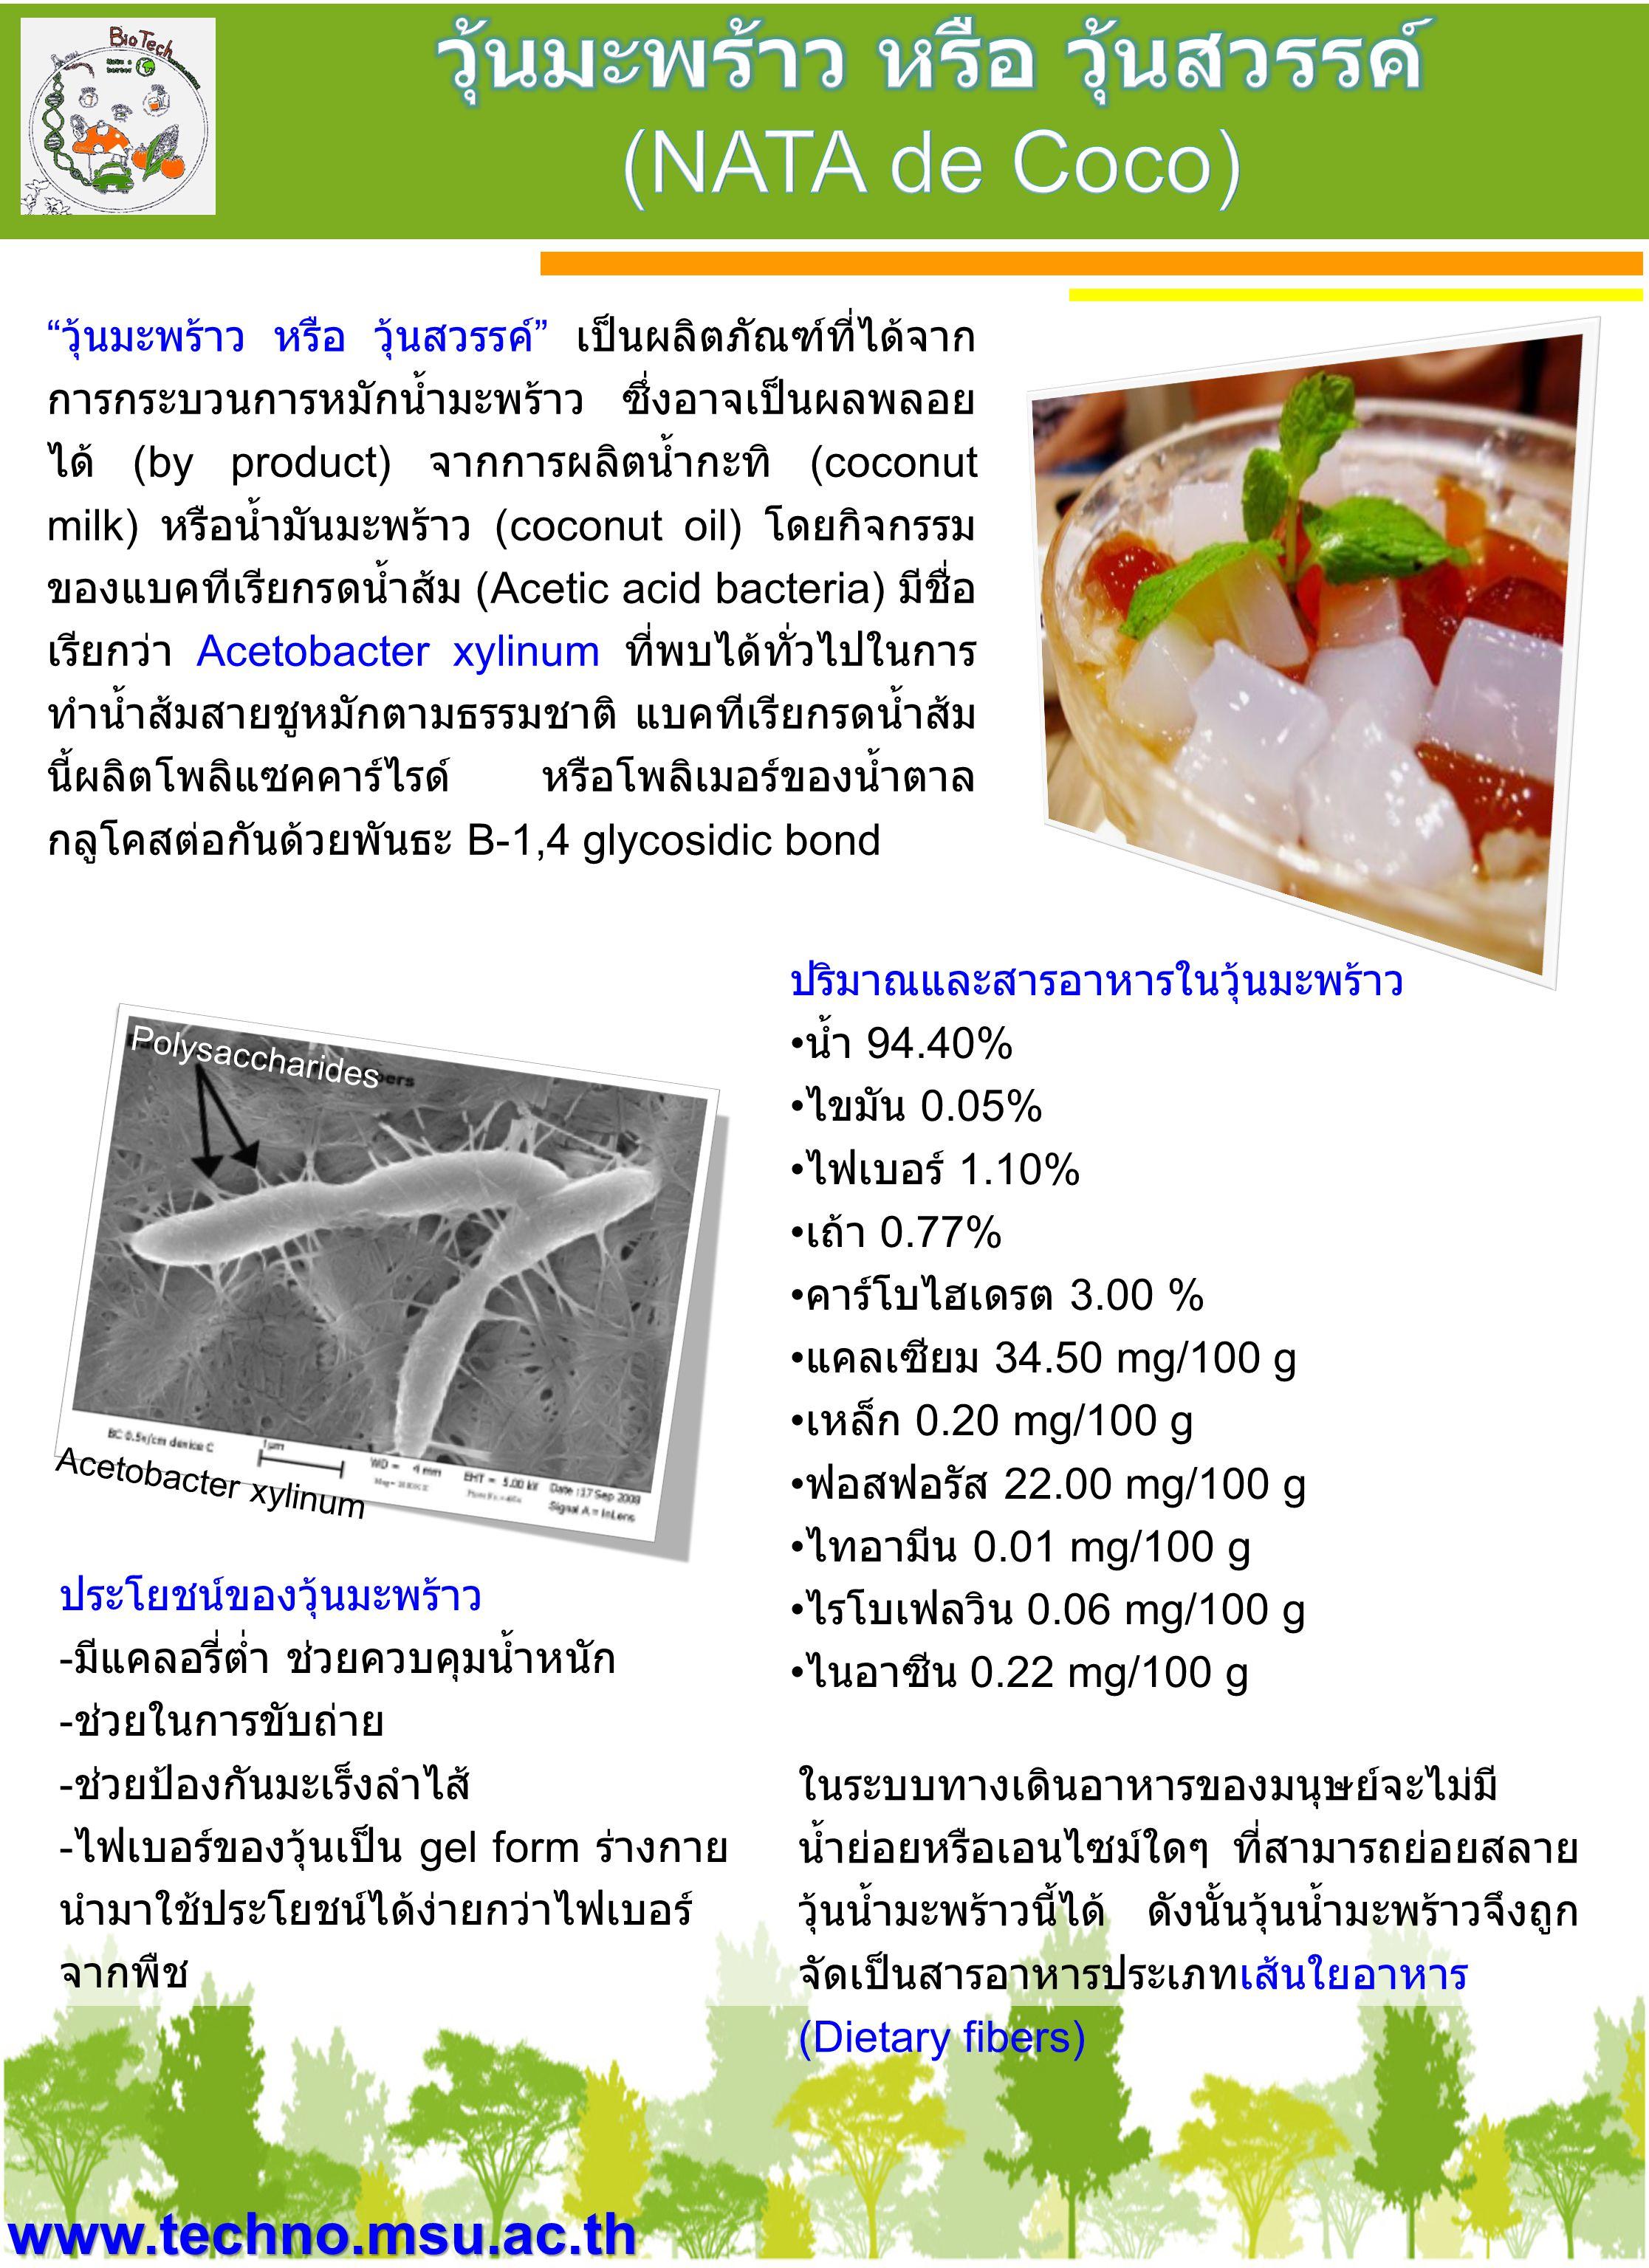 """www.techno.msu.ac.th """" วุ้นมะพร้าว หรือ วุ้นสวรรค์ """" เป็นผลิตภัณฑ์ที่ได้จาก การกระบวนการหมักน้ำมะพร้าว ซึ่งอาจเป็นผลพลอย ได้ (by product) จากการผลิตน้"""